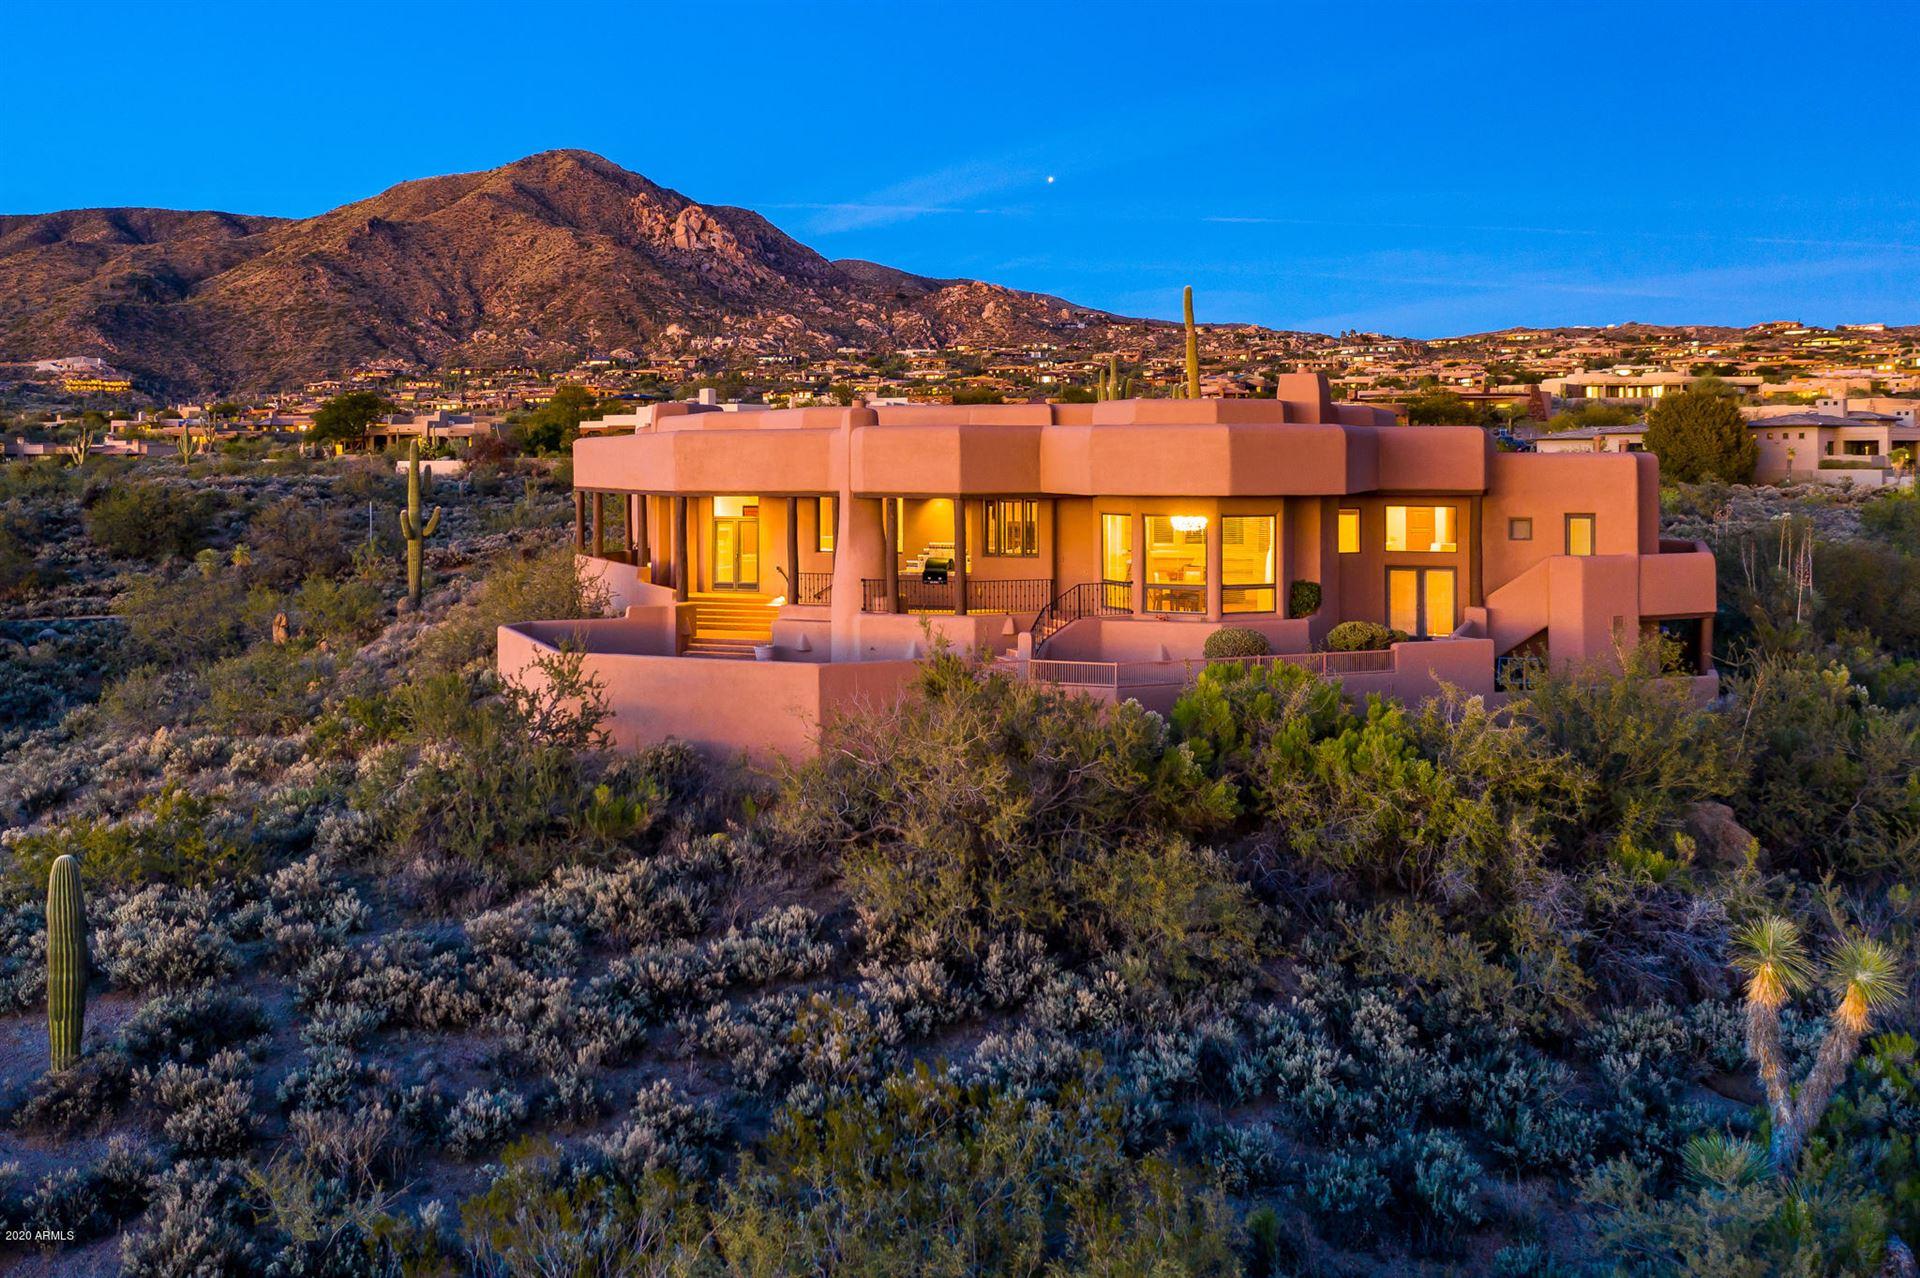 10907 E FORTUNA Drive, Scottsdale, AZ 85262 - #: 5992640